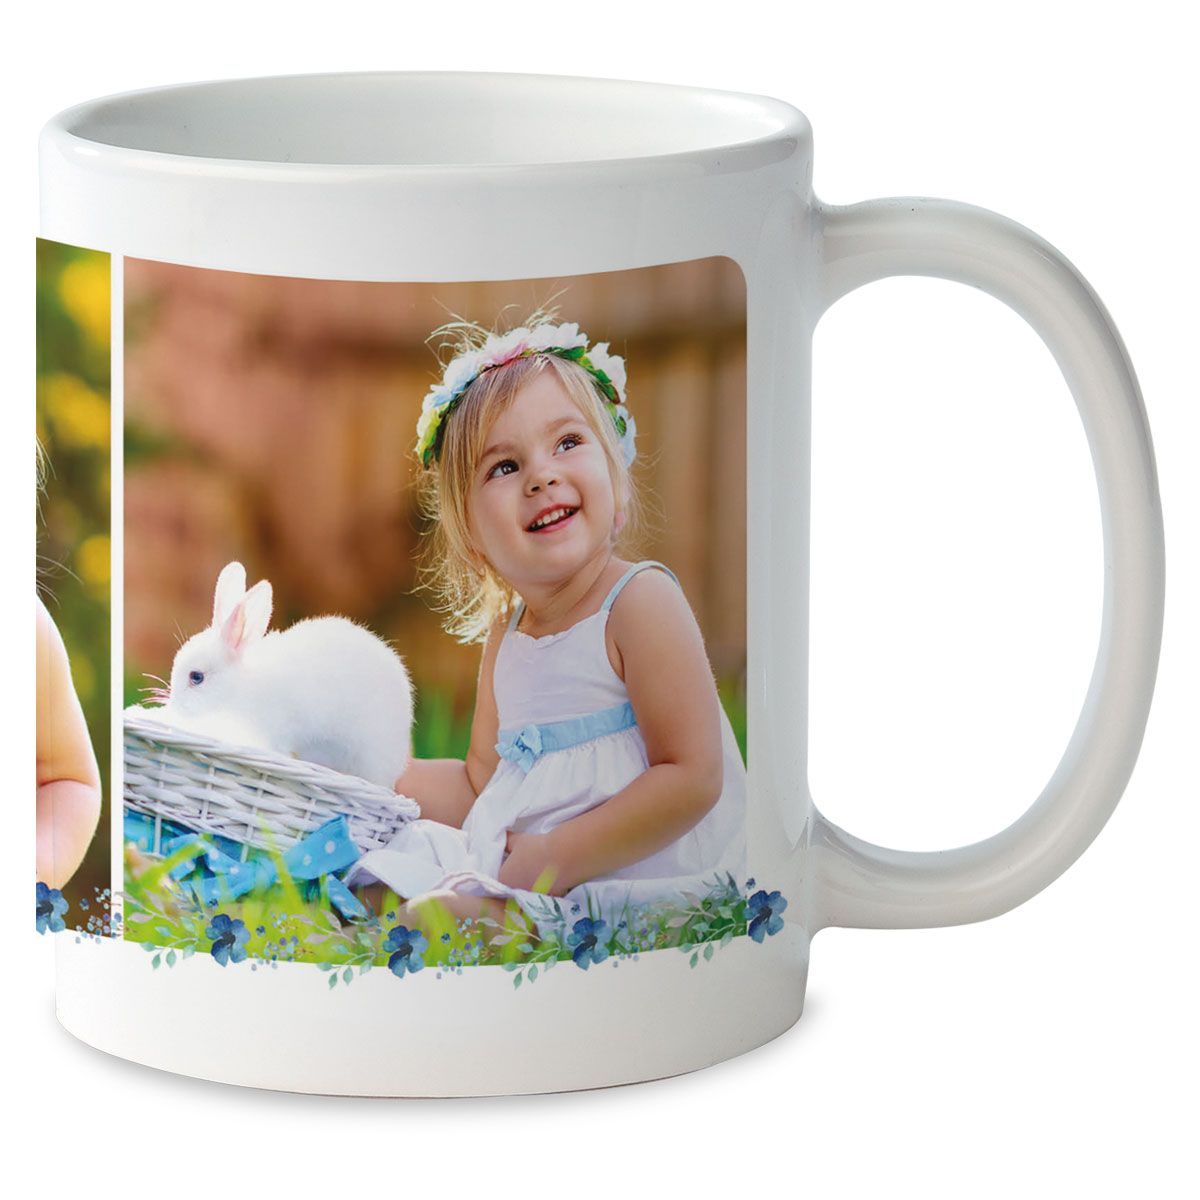 Floral Initial Ceramic Photo Mug